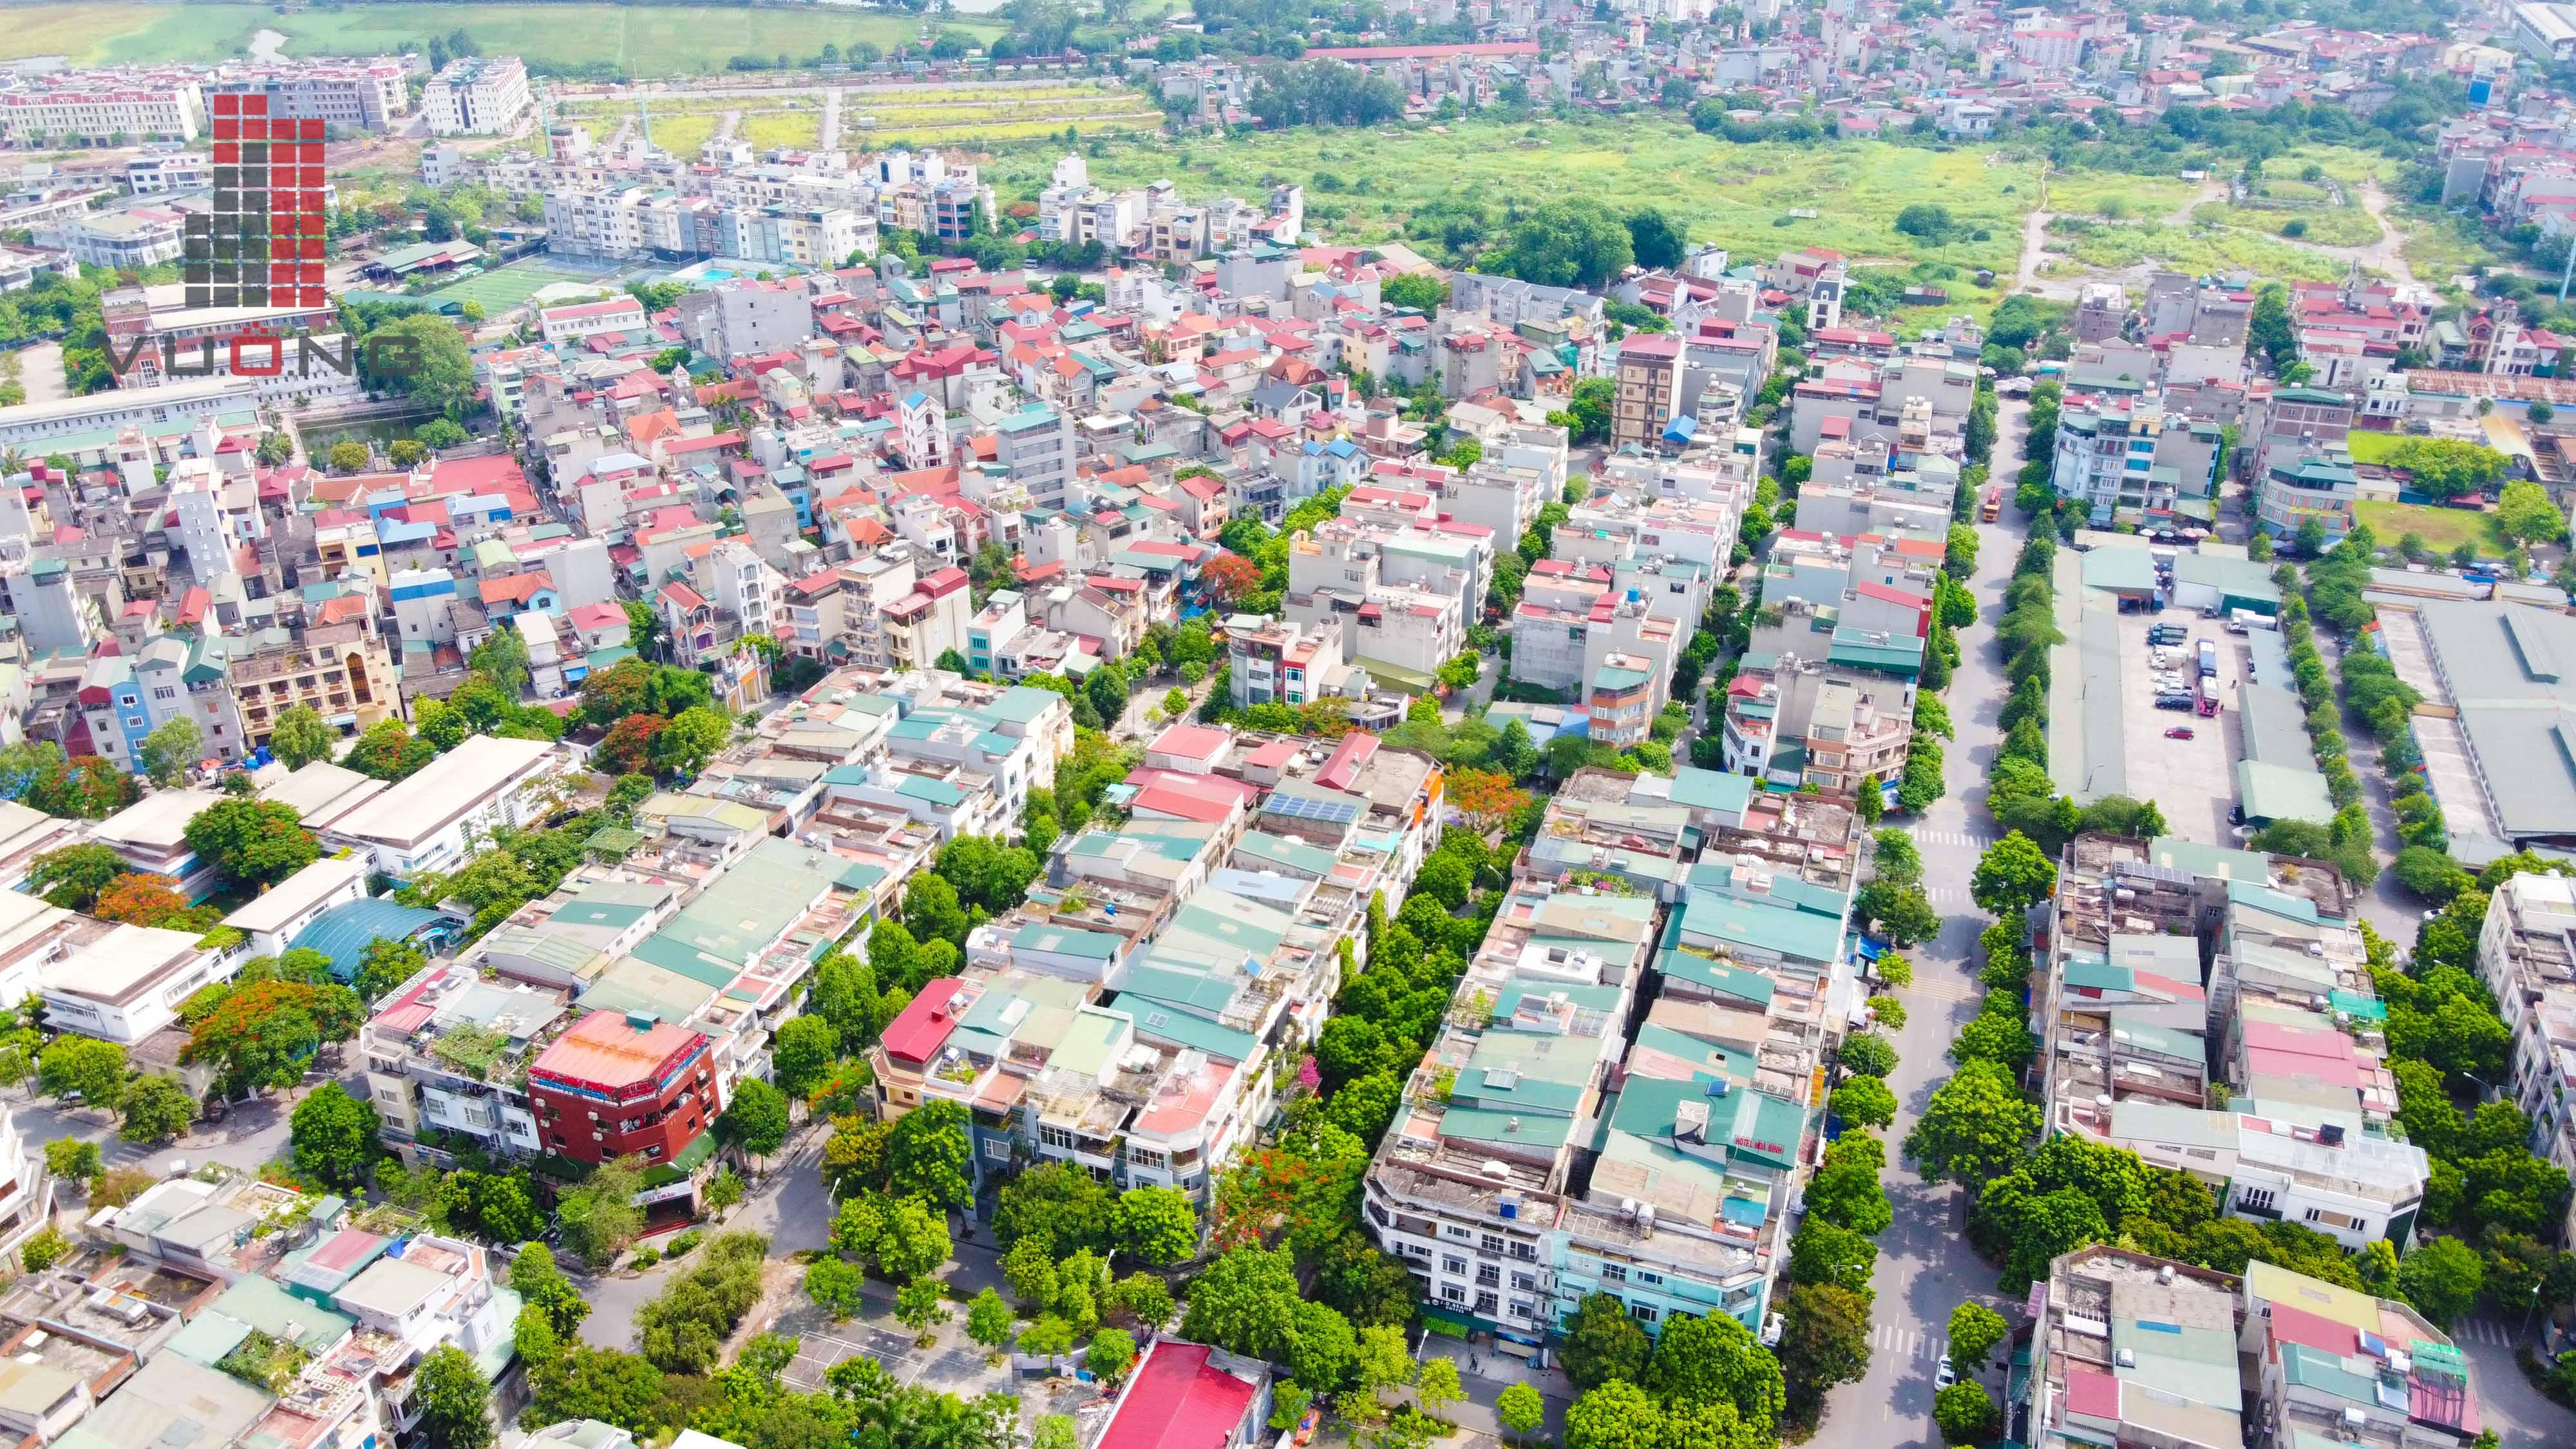 Bán liền kề Văn Phú hướng Đông Nam đã hoàn thiện, mặt tiền 4.5m, diện tích 90 m2, gần trường tiểu học Phú La, chợ Văn La